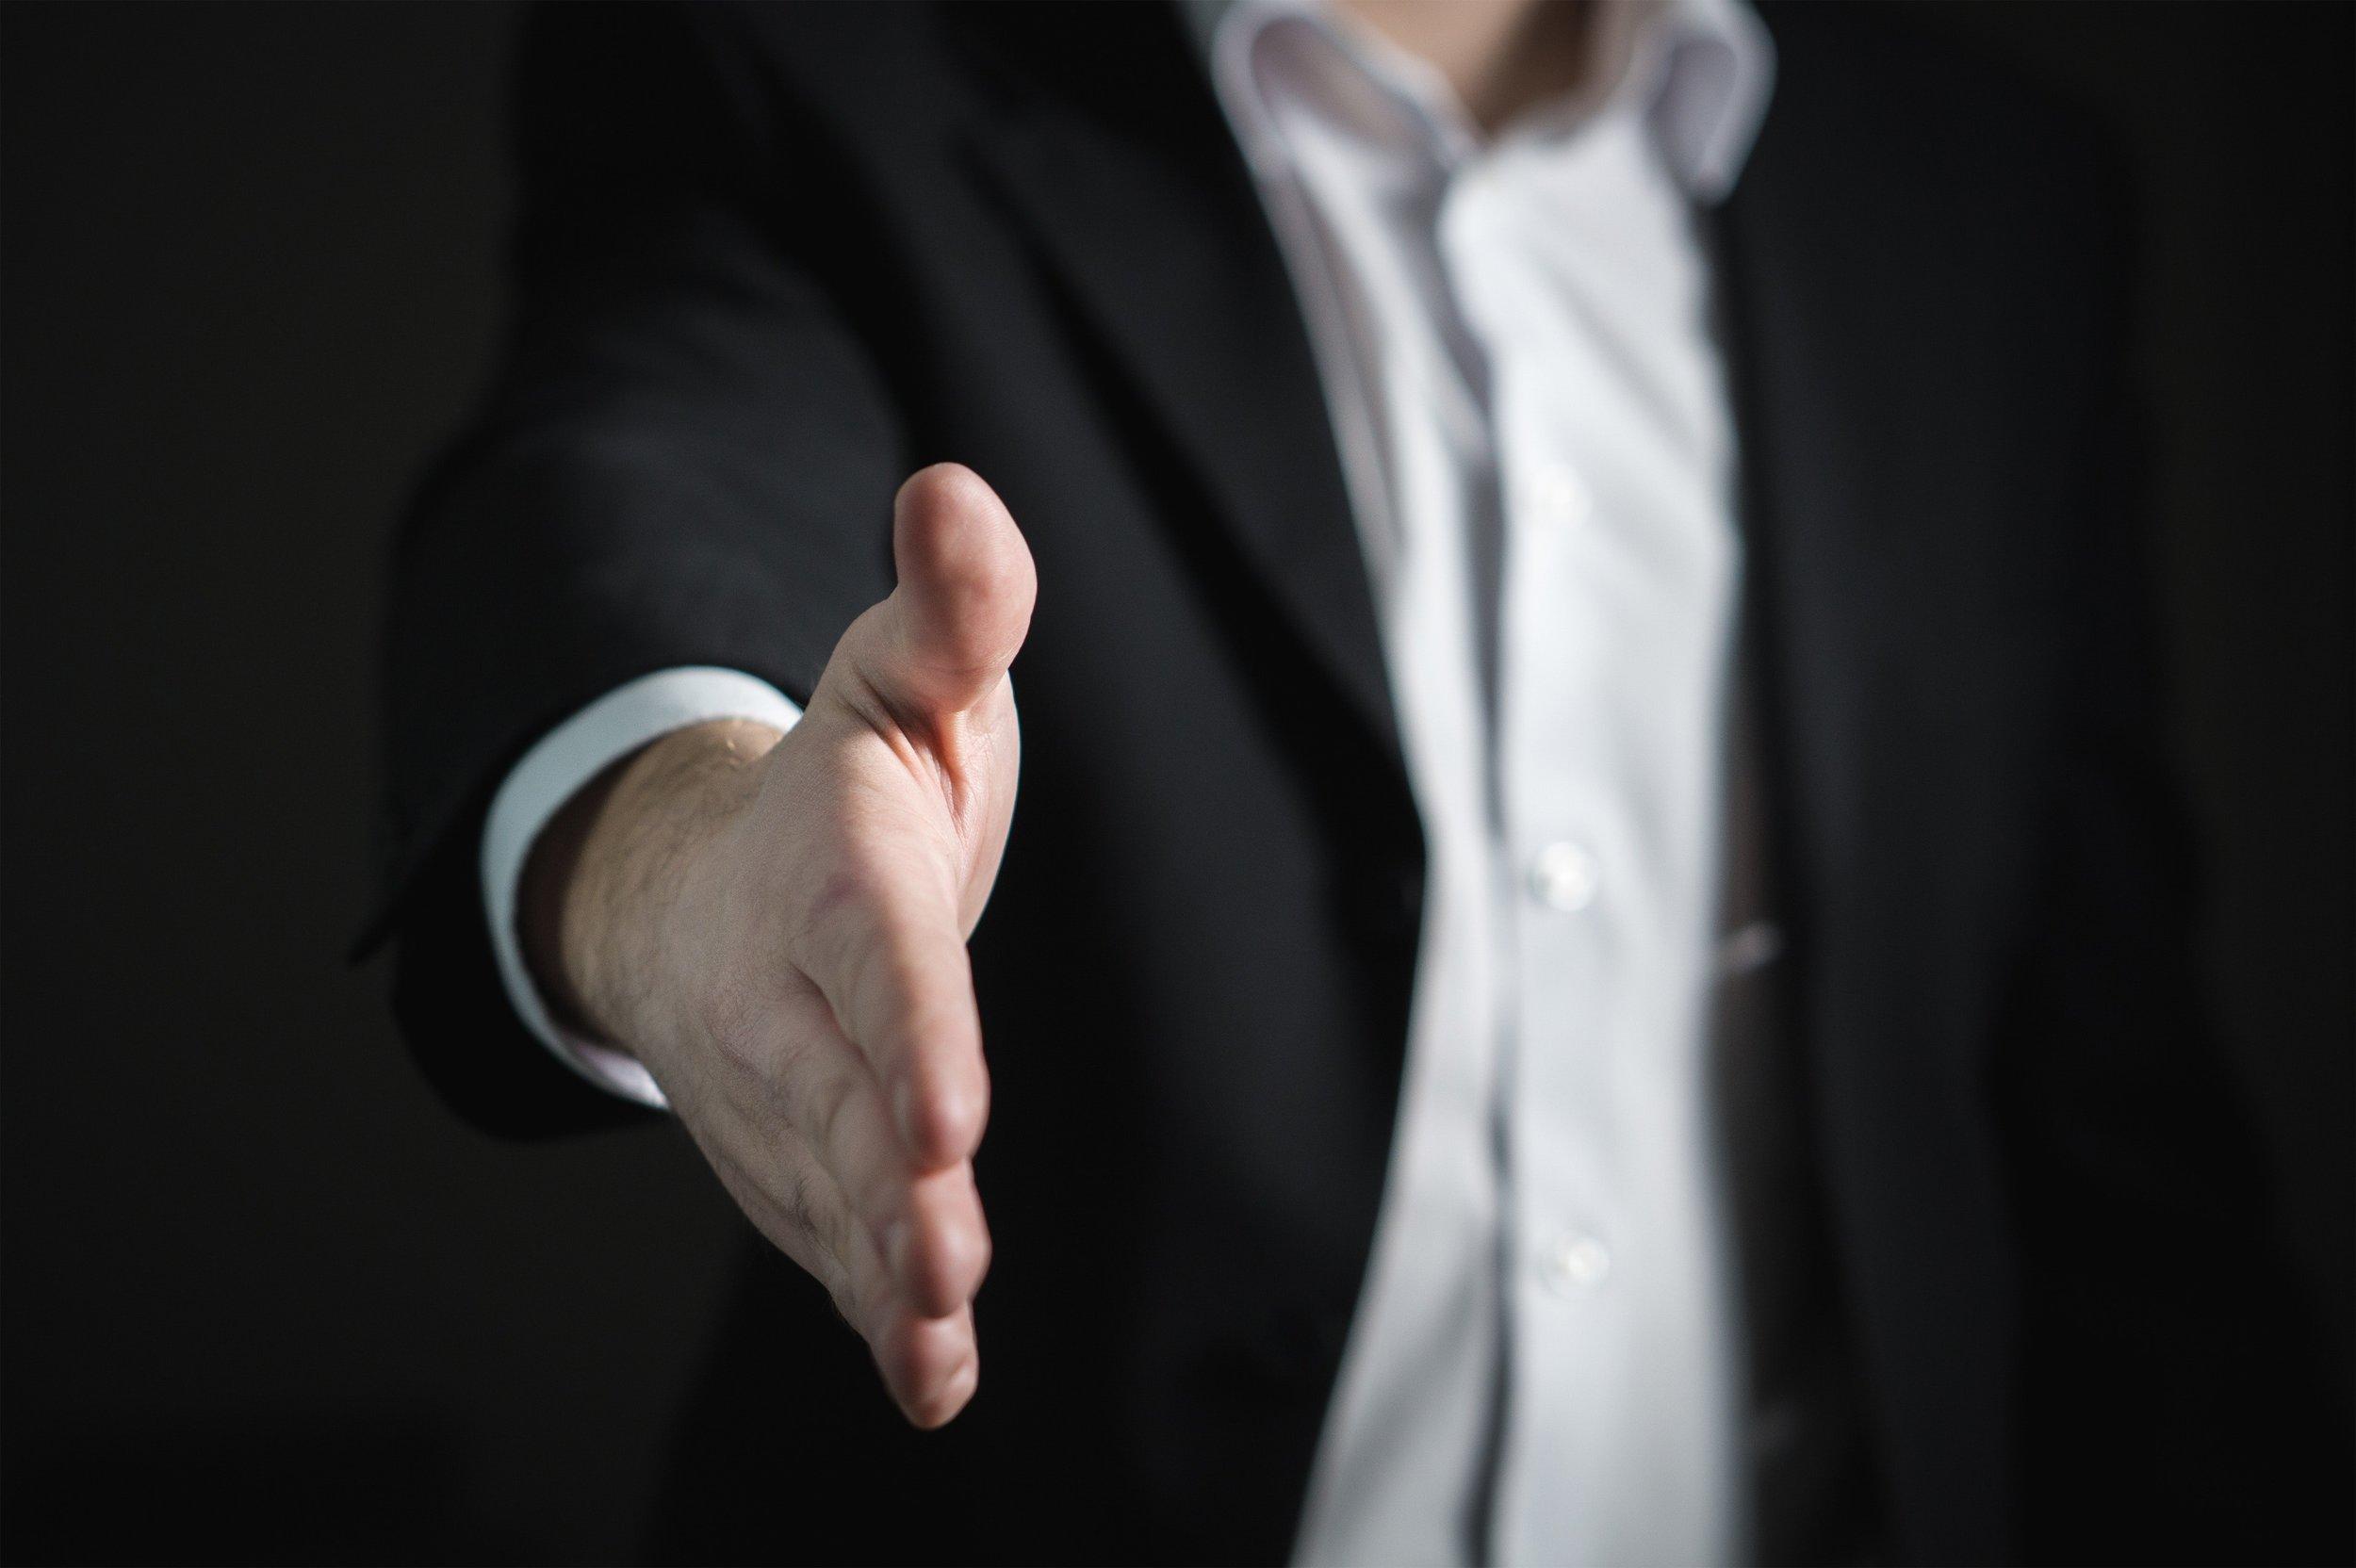 Rullakoiden vuokraus vaivattomasti meiltä - Vuokraamme rullakoita yrityksille lyhyt -ja pitkäaikaiseen käyttöön. Kysy tarjous!